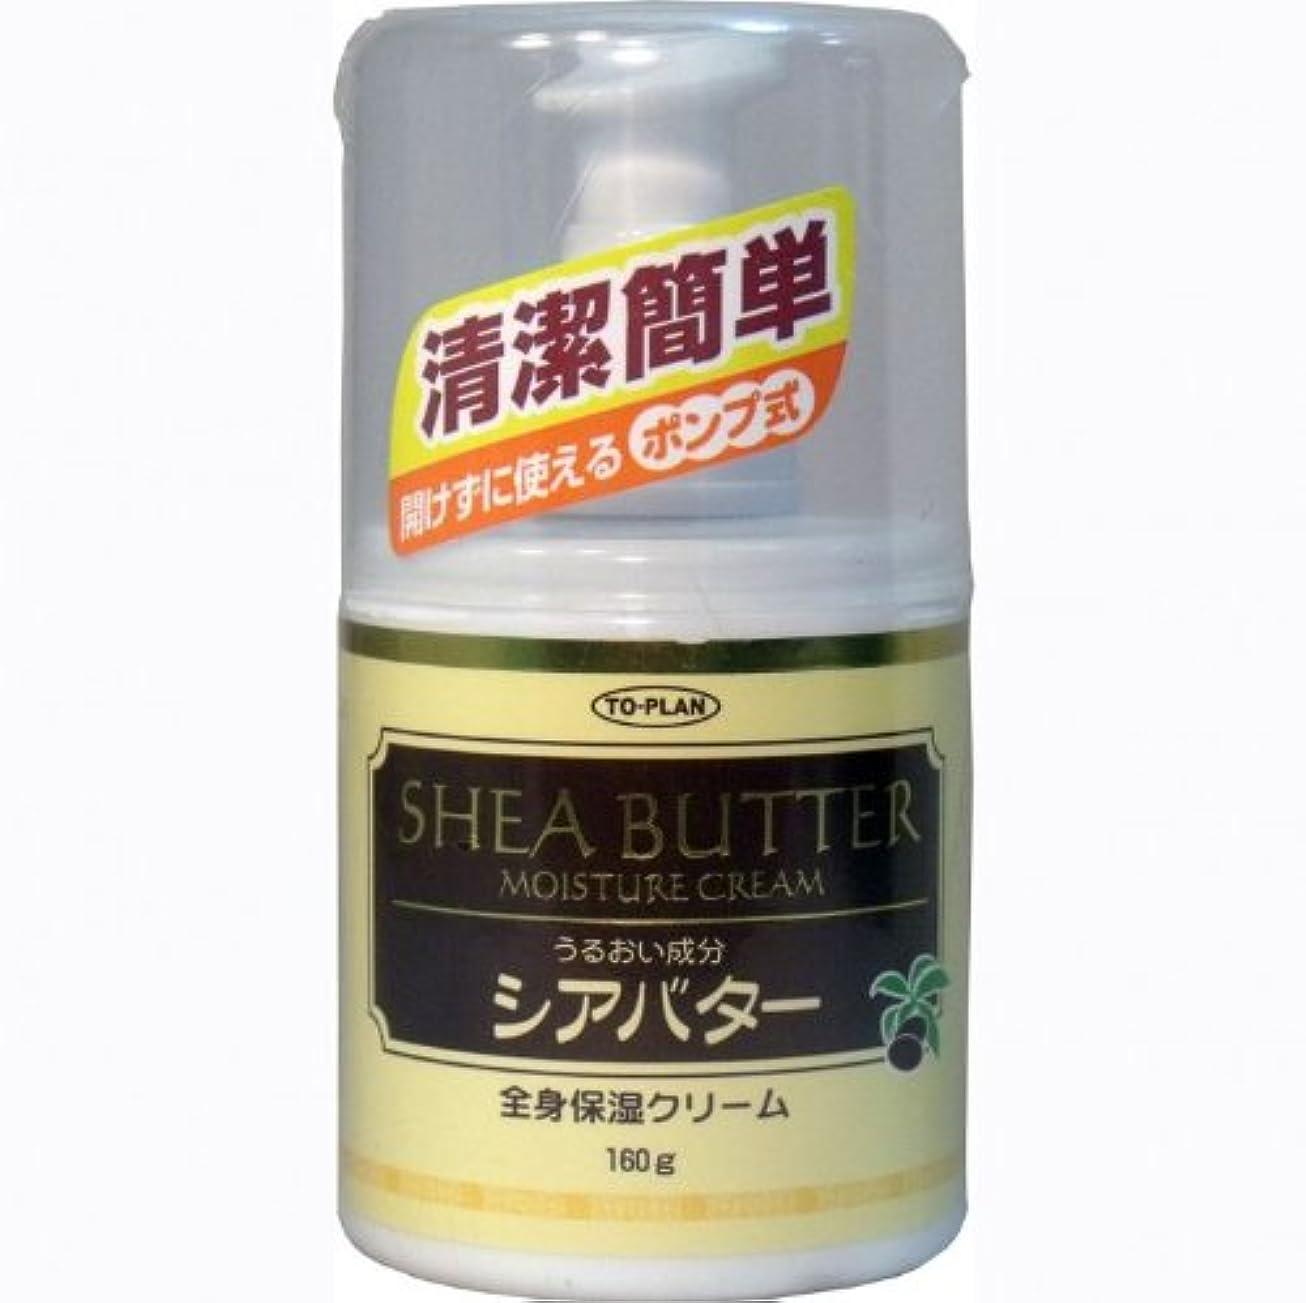 開示する気取らない率直なトプラン 全身保湿クリーム シアバター ポンプ式 160g【5個セット】